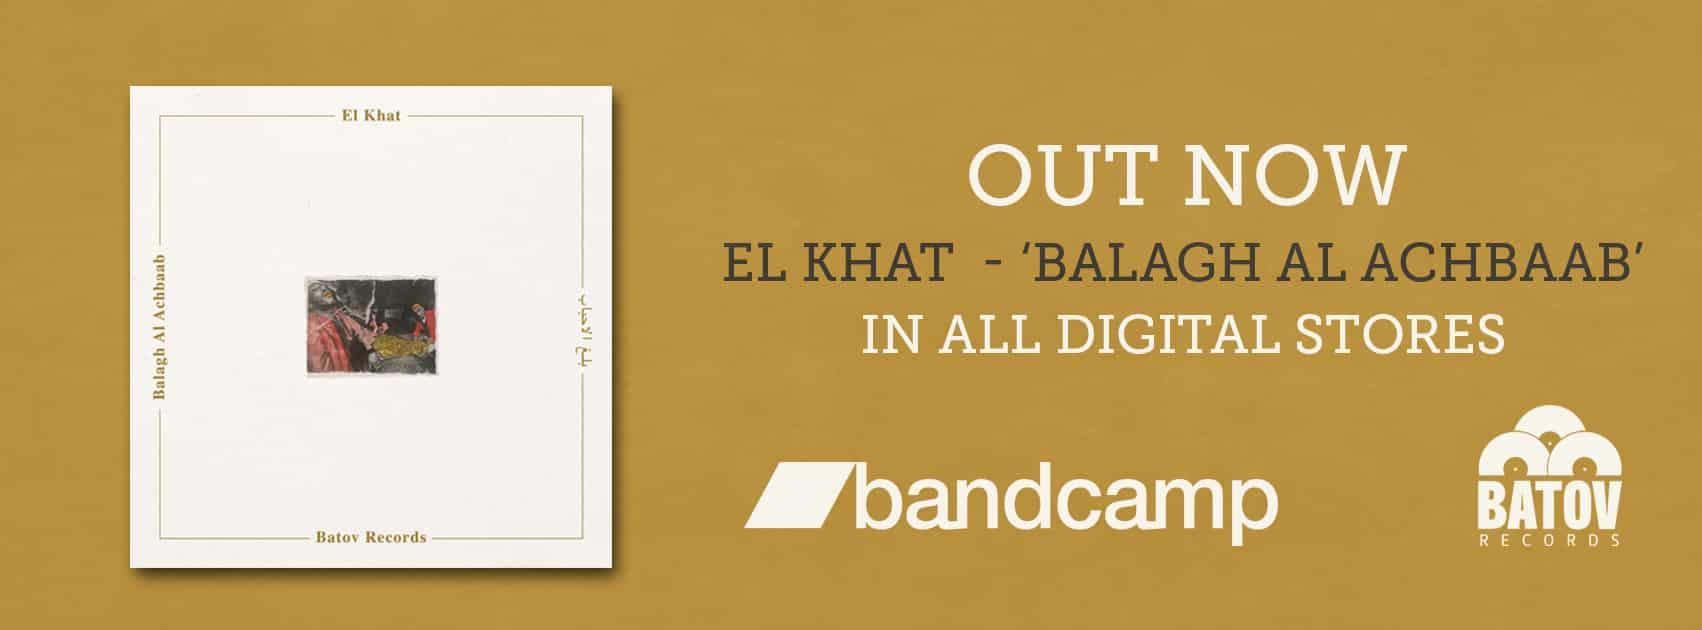 El Khat - Balagh Al Achbaab